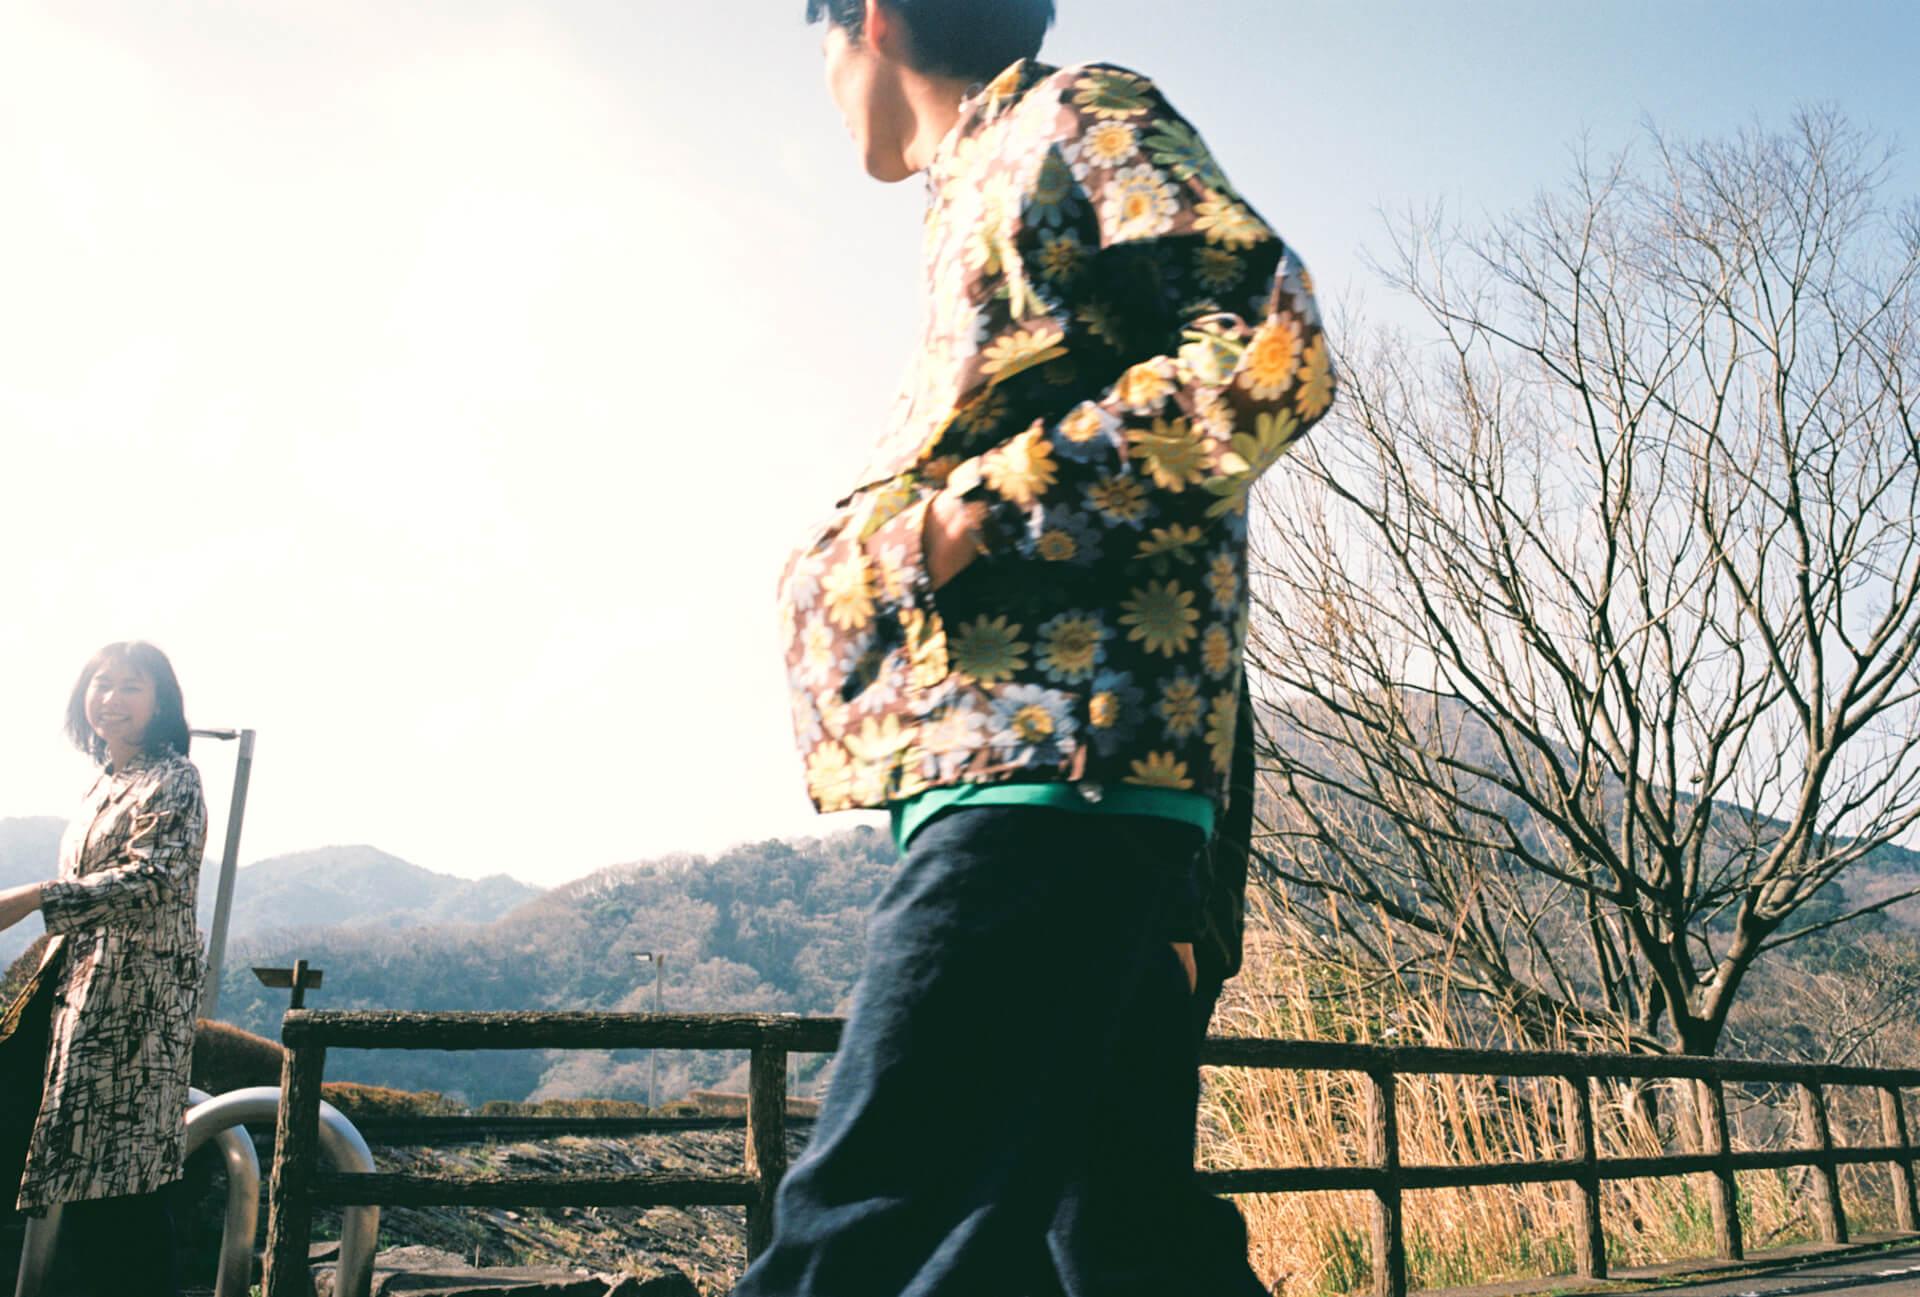 「自然」とそこにあった音楽──MONO NO AWARE、New AL『行列のできる方舟』インタビュー interview210609_mono-no-aware-08